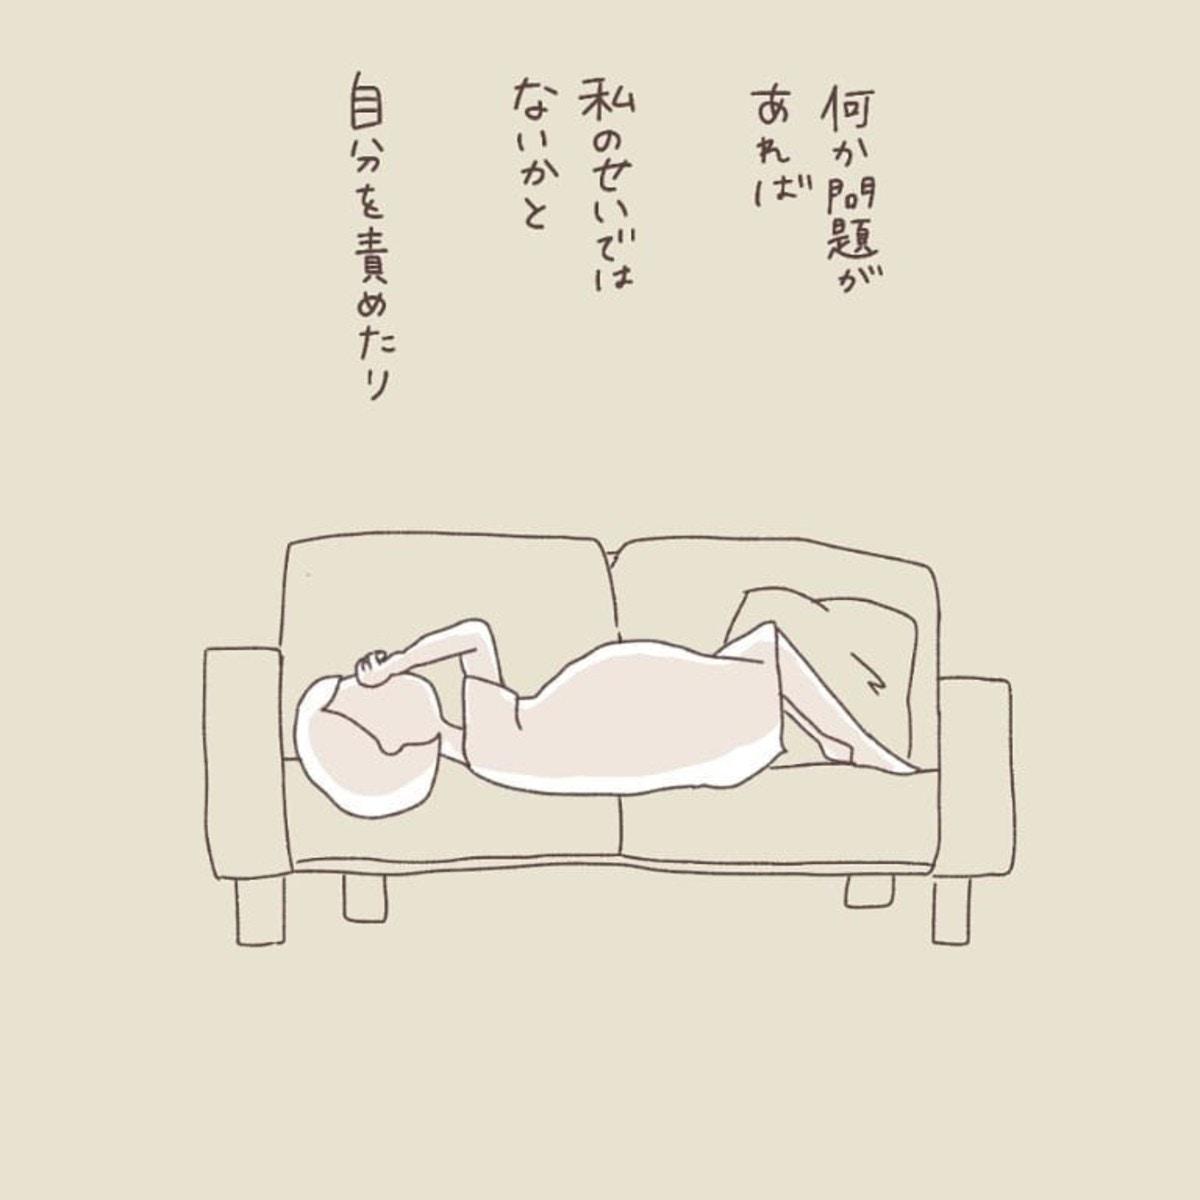 確率 コンドーム 妊娠